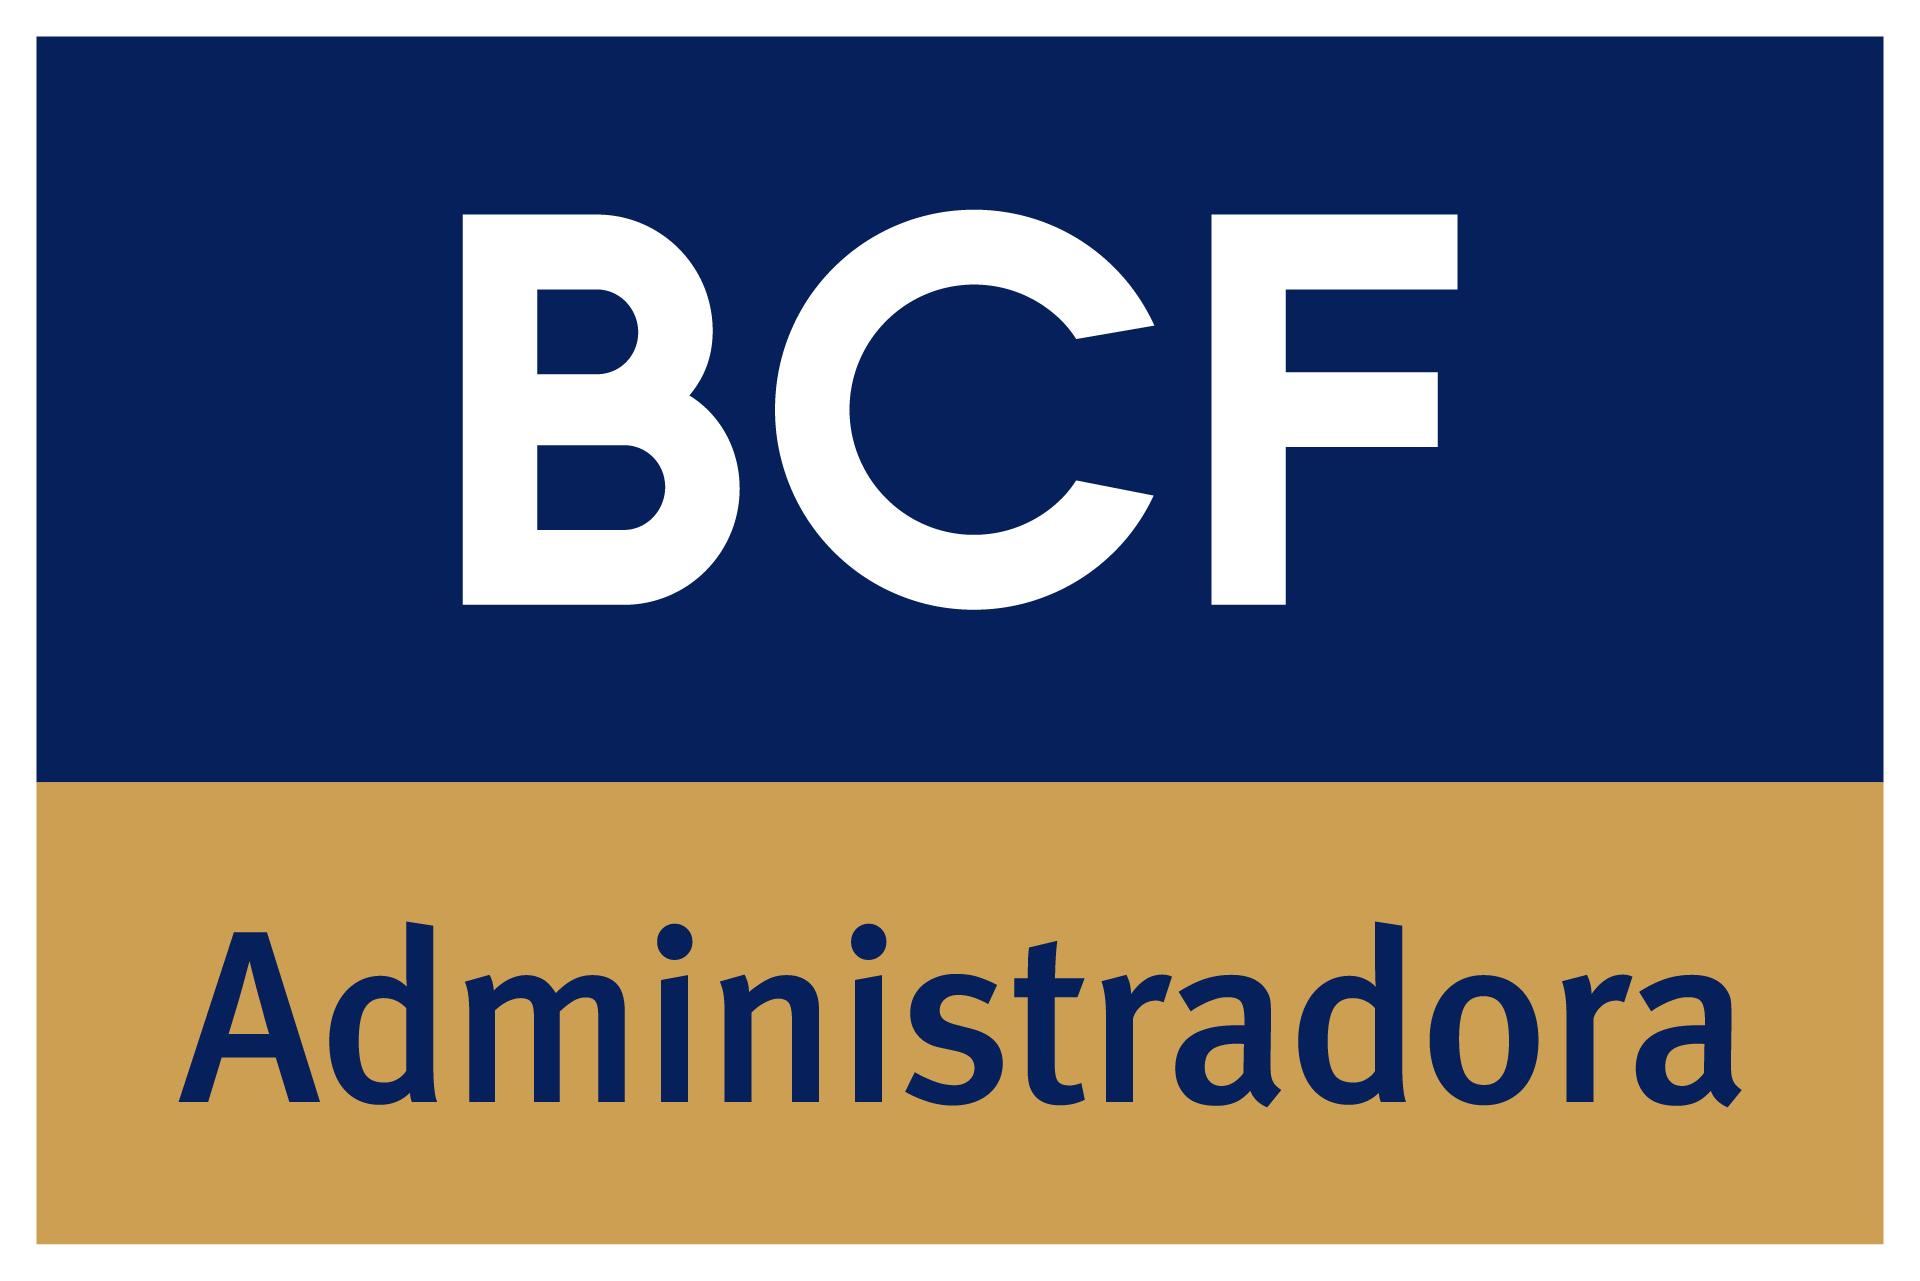 BULHOES CARVALHO DA FONSECA-ADMINISTRADORA DE BENS